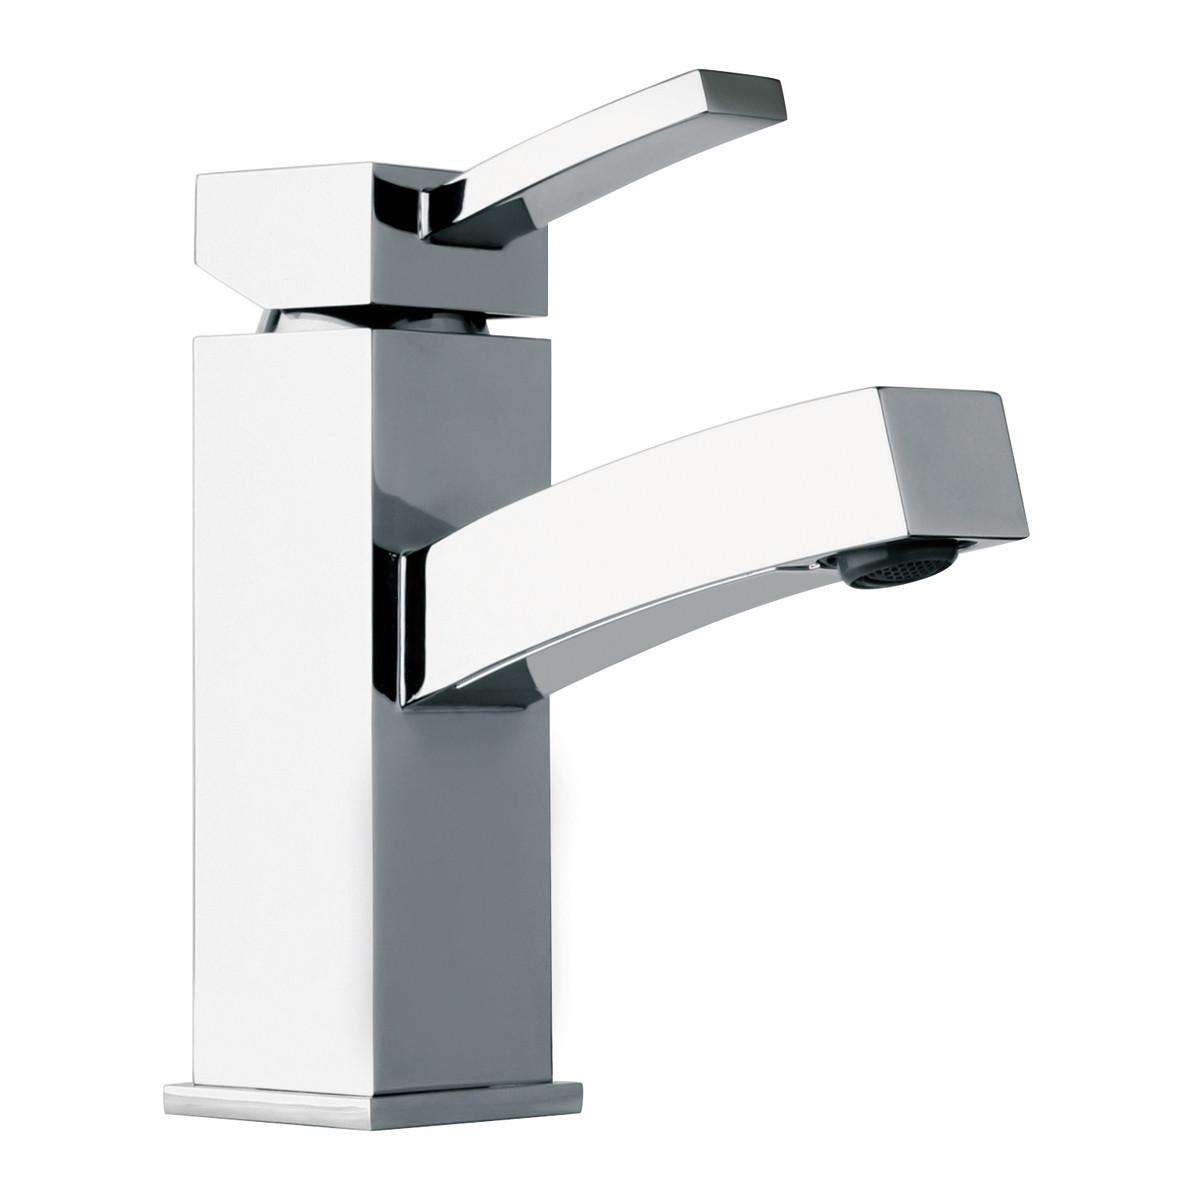 bagno miscelatore lavabo twister cromato 35744723